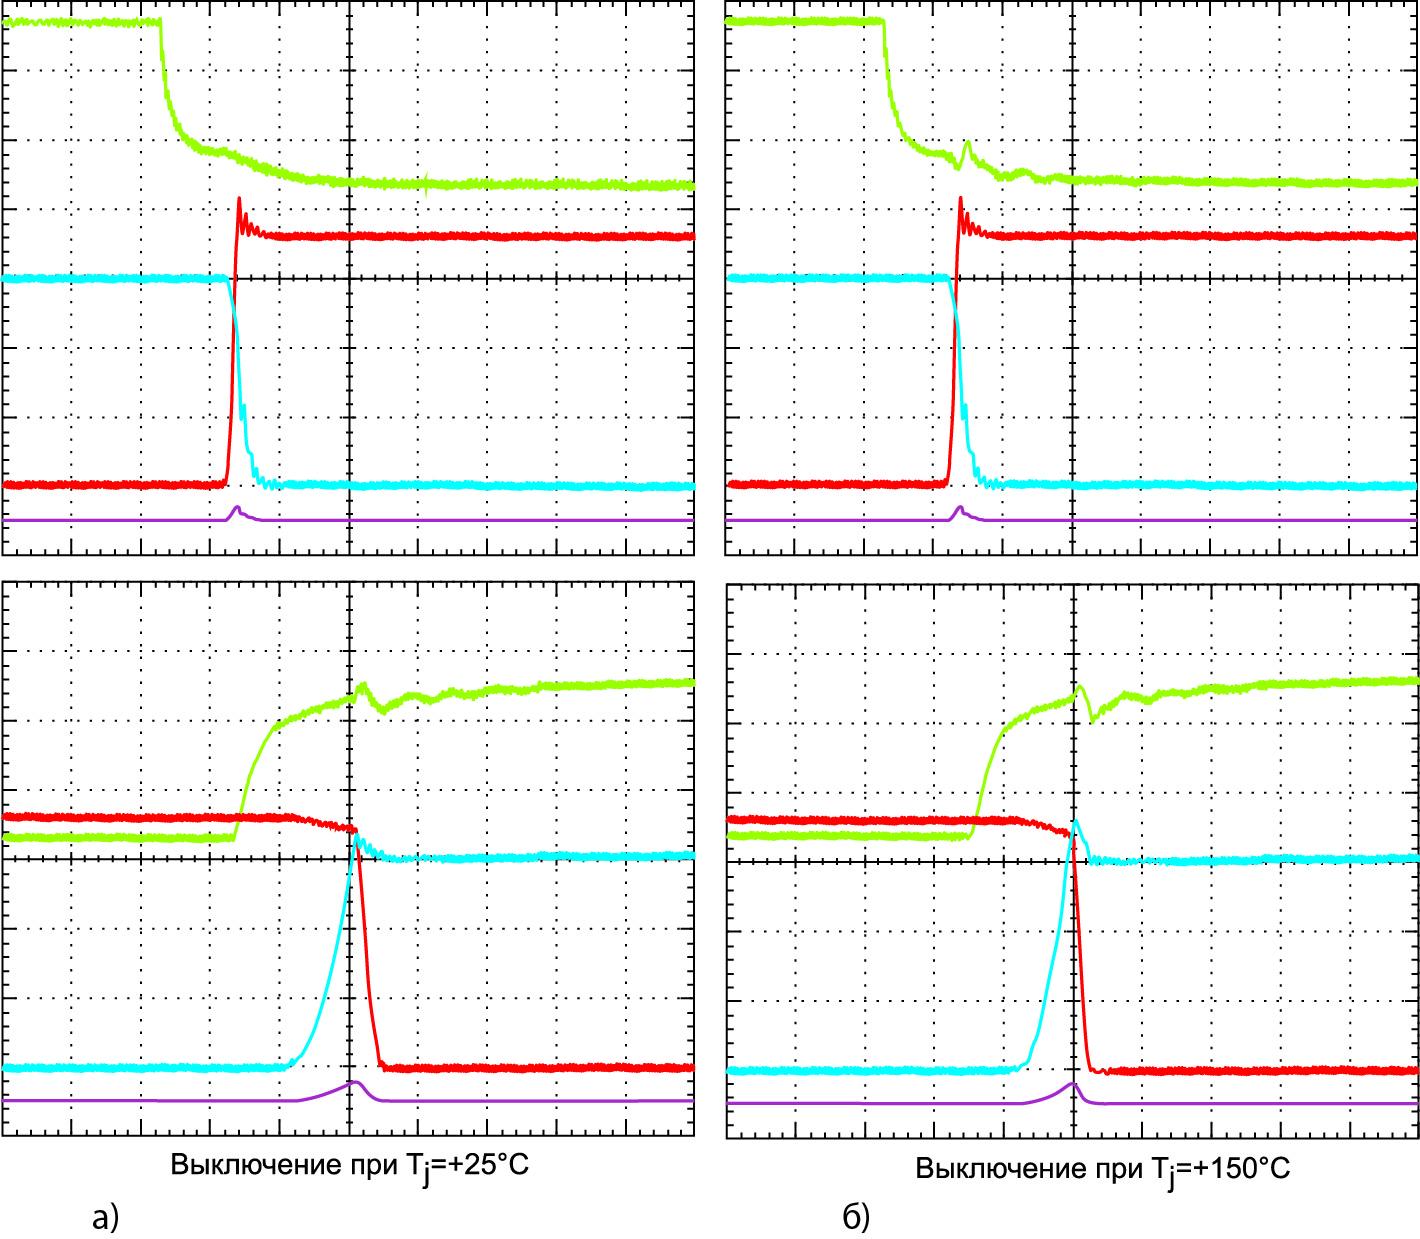 Временные диаграммы выключения Full SiC-модулей в условиях